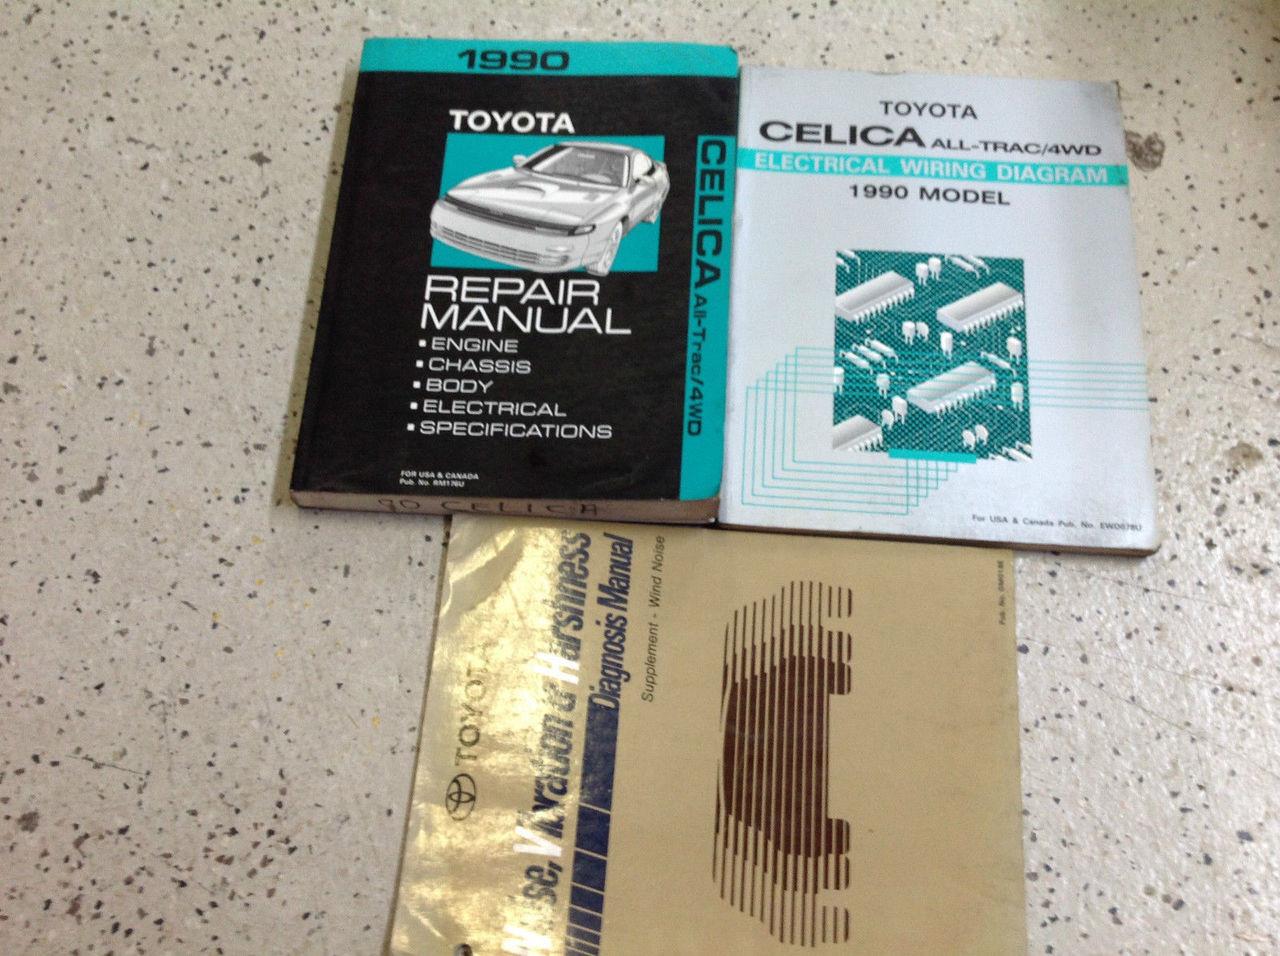 Diagram 1991 Mercury Capri Service Repair Shop Manual Set Oem Service Manual And The Electrical Wiring Diagrams Manual Full Version Hd Quality Diagrams Manual Diagram Blogl Tecnebusiness It